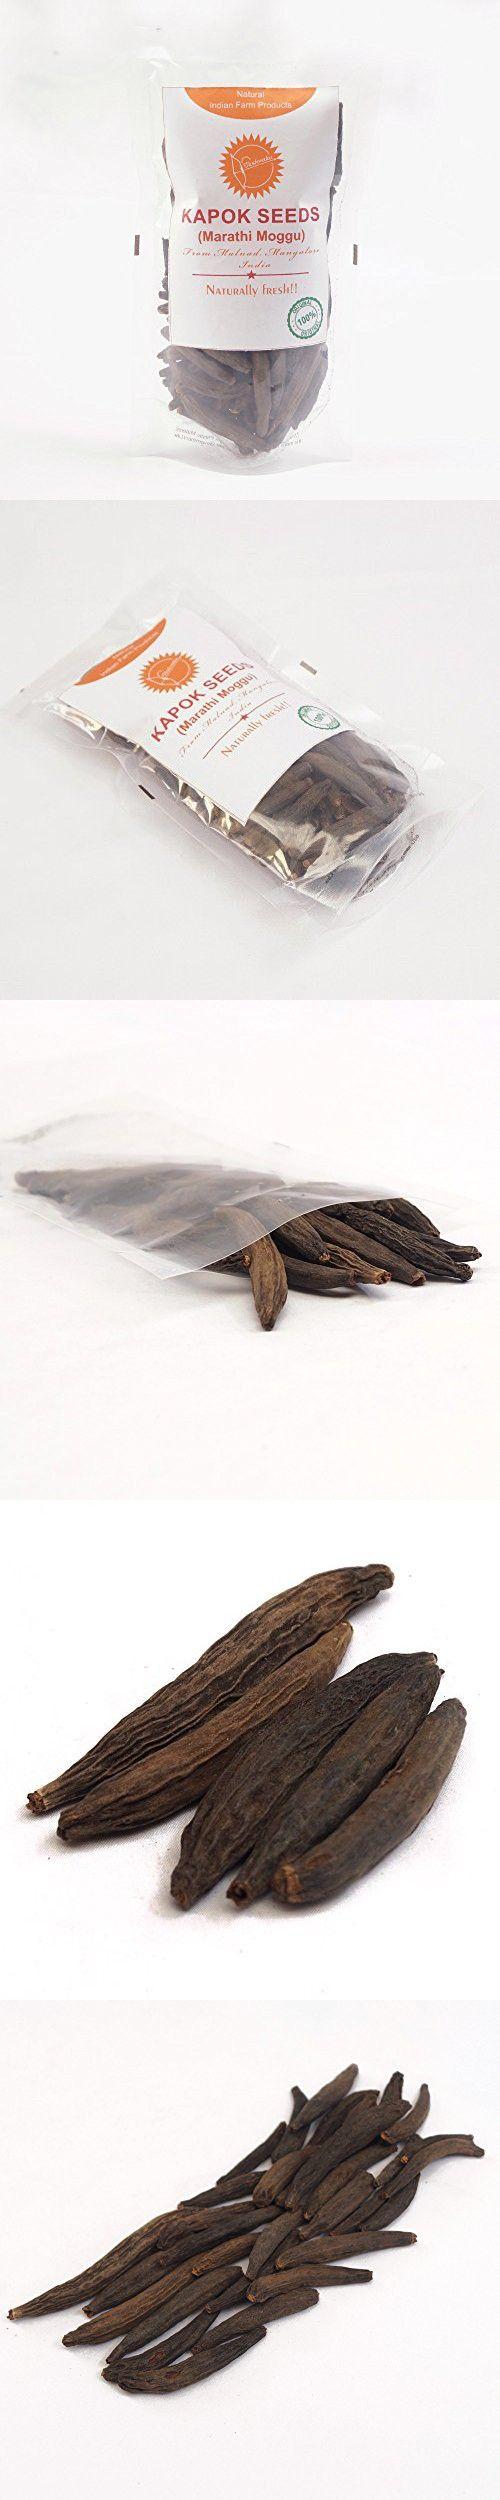 Kapok Seeds (Marathi Moggu) | Natural Indian Farm Products from Malnad, Mangalore | ONE Pack